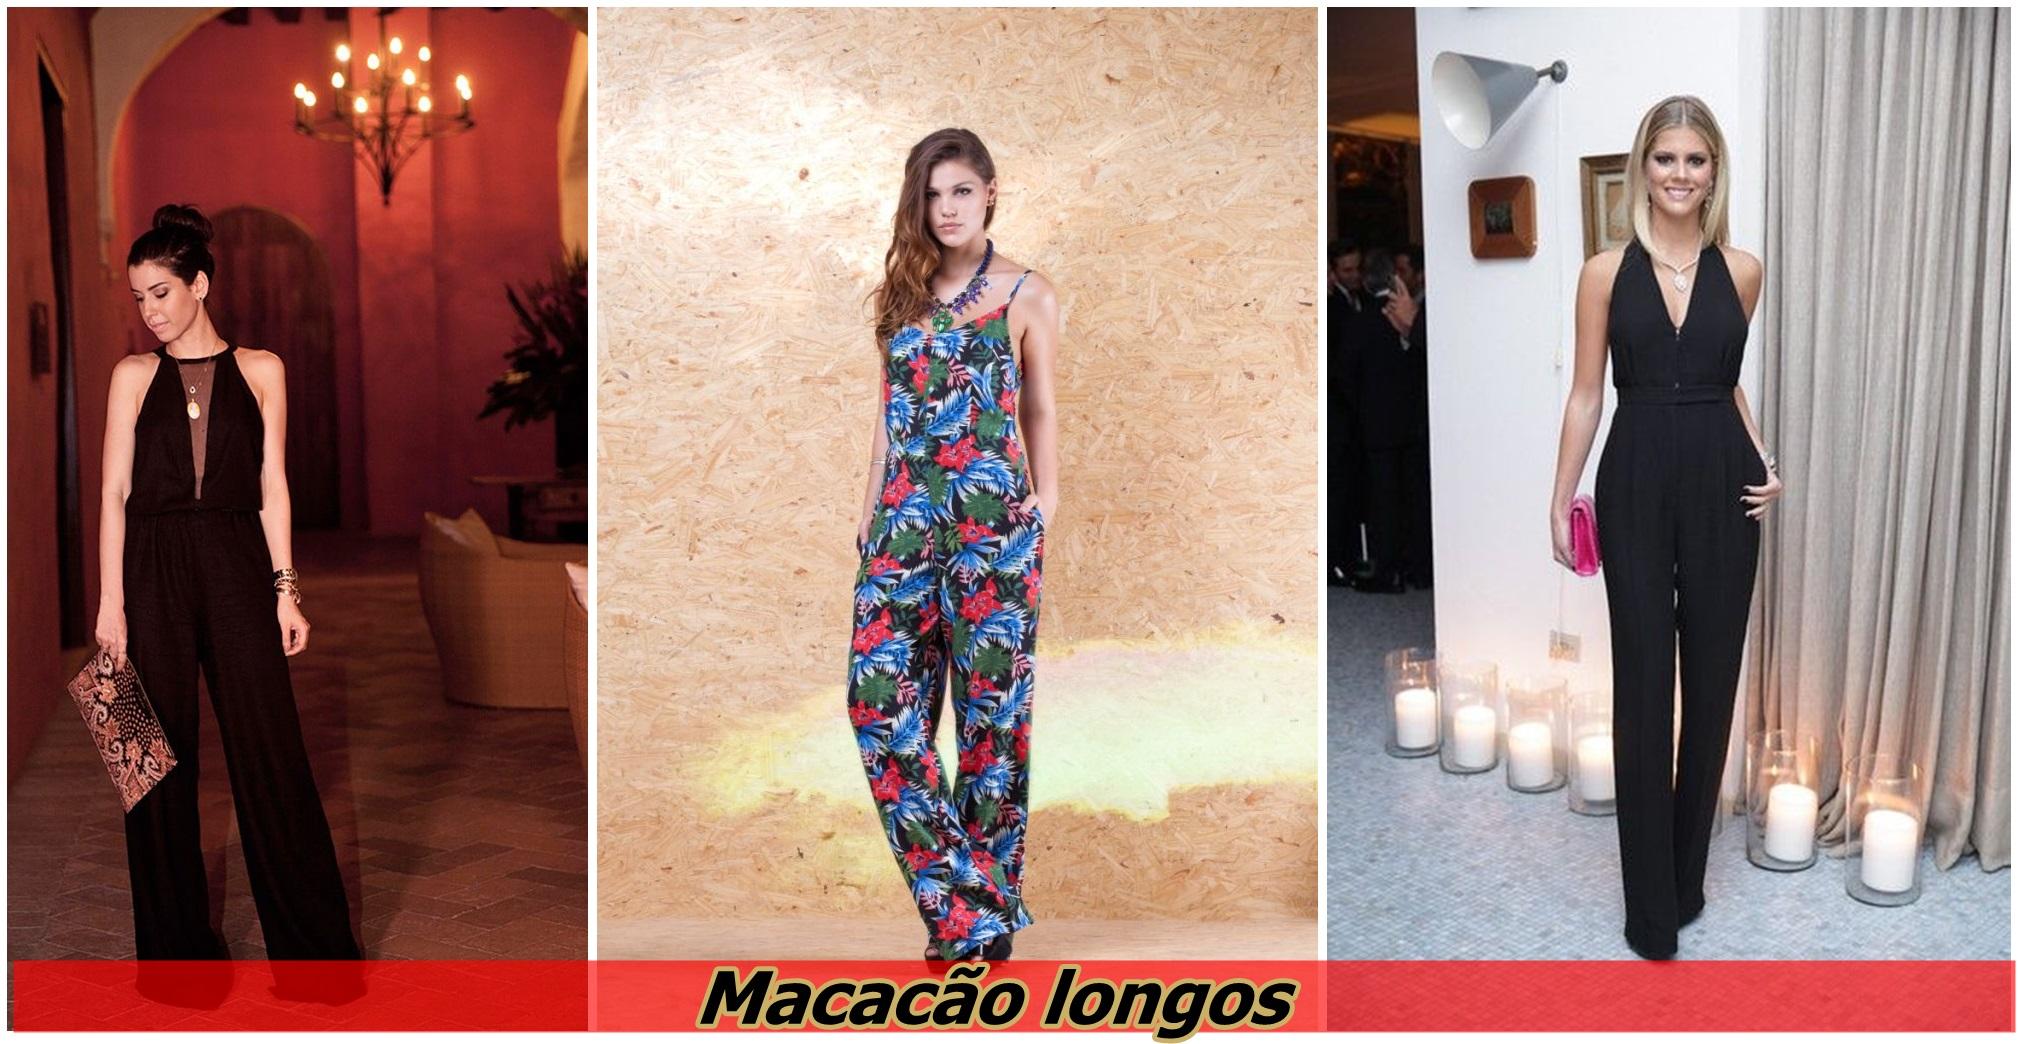 achadochiquemacaquinho123 Moda de Rua: Macaquinho e Macacão